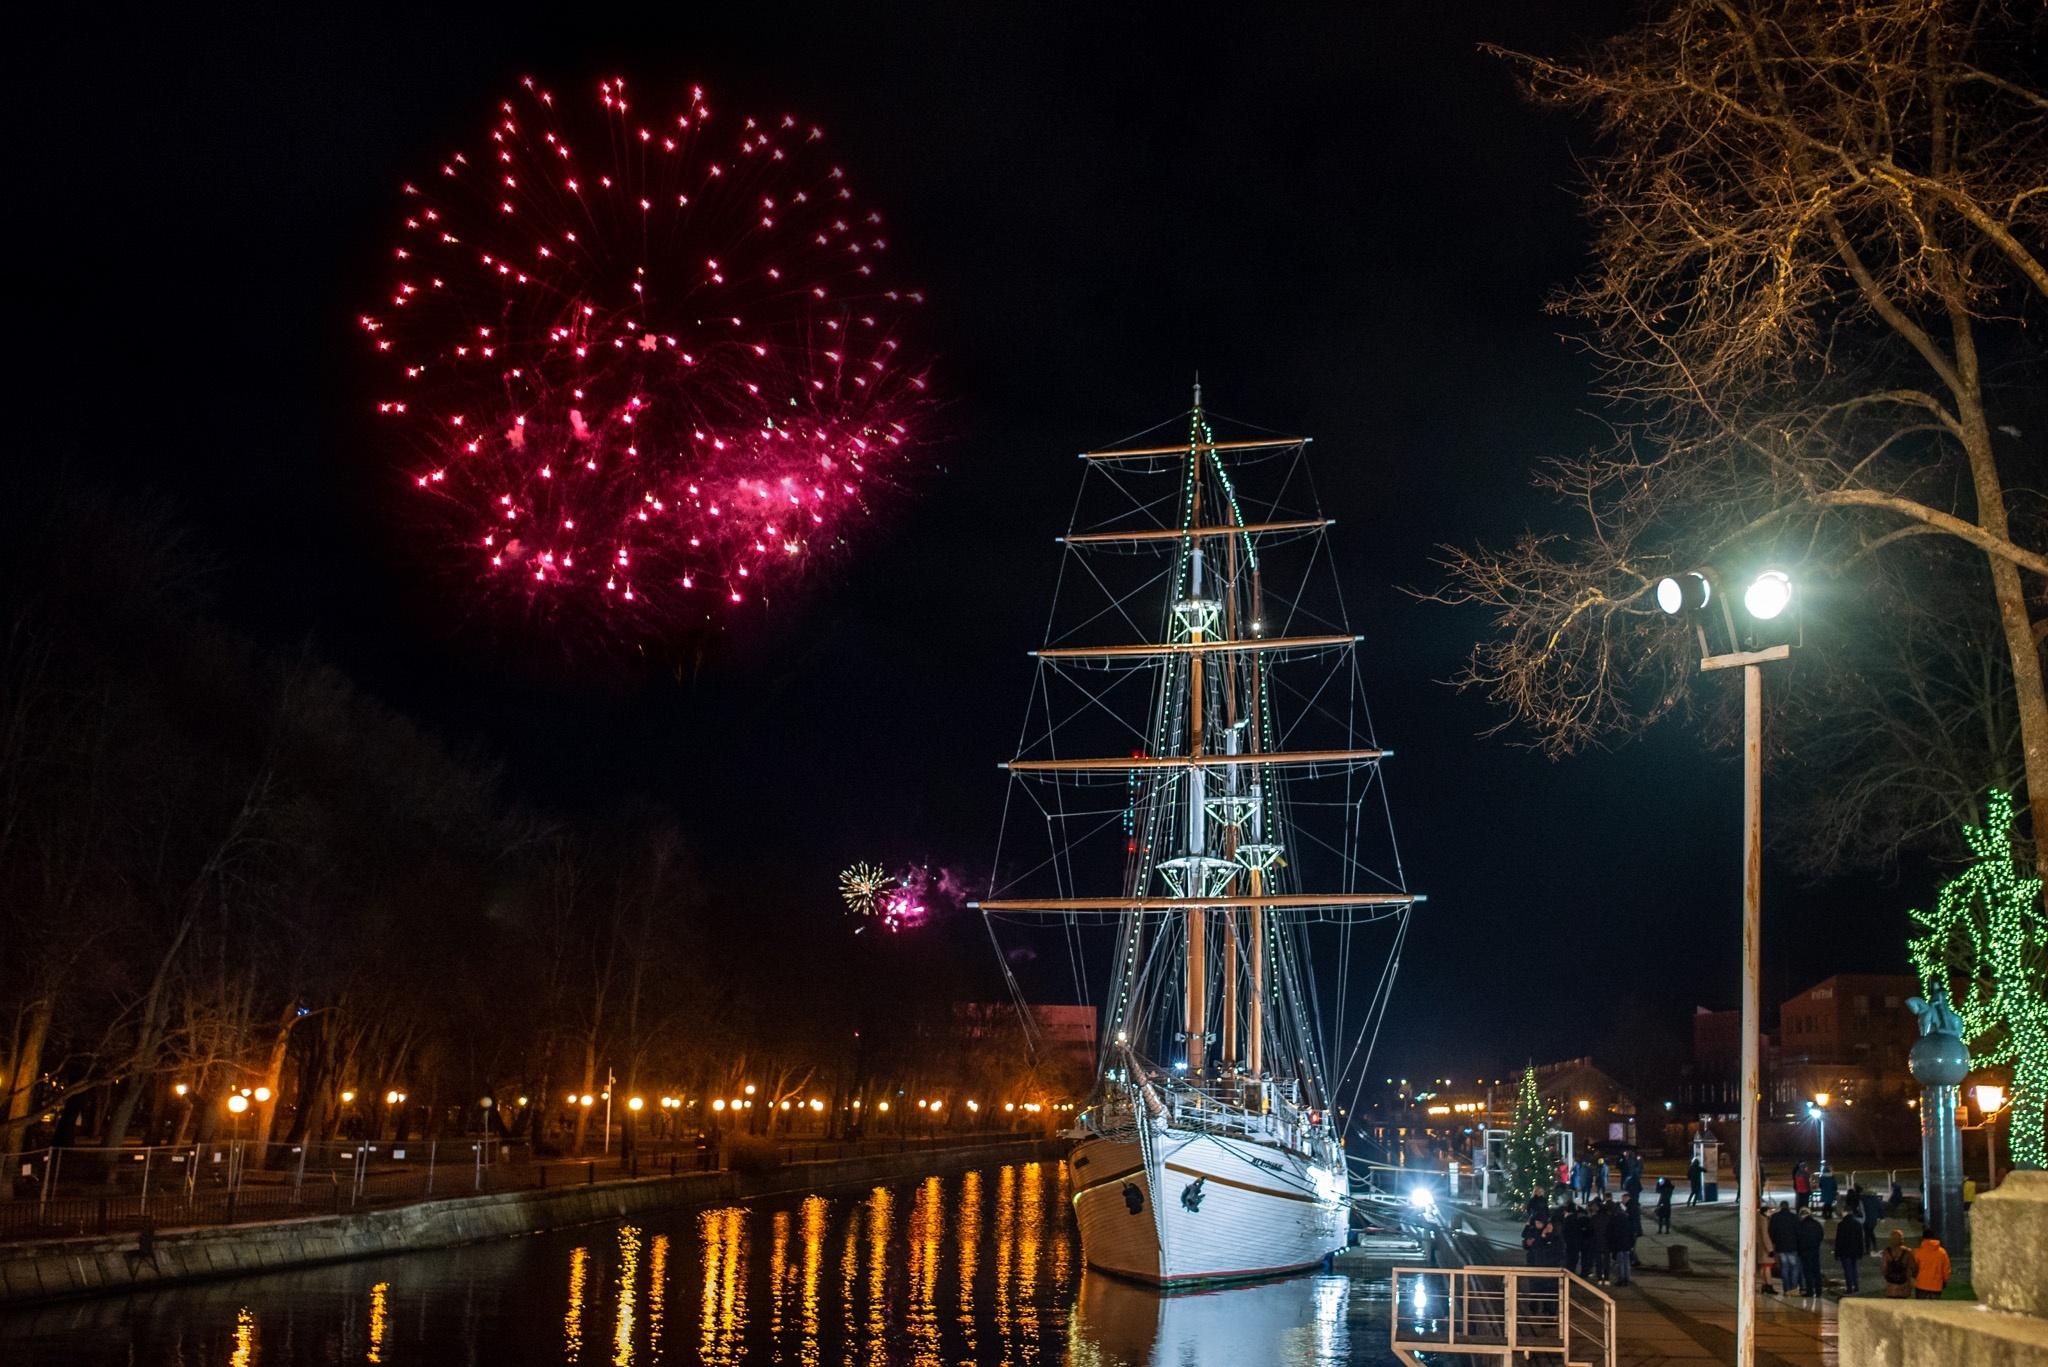 Naujūjų sutiktuvės Klaipėdoje 2020